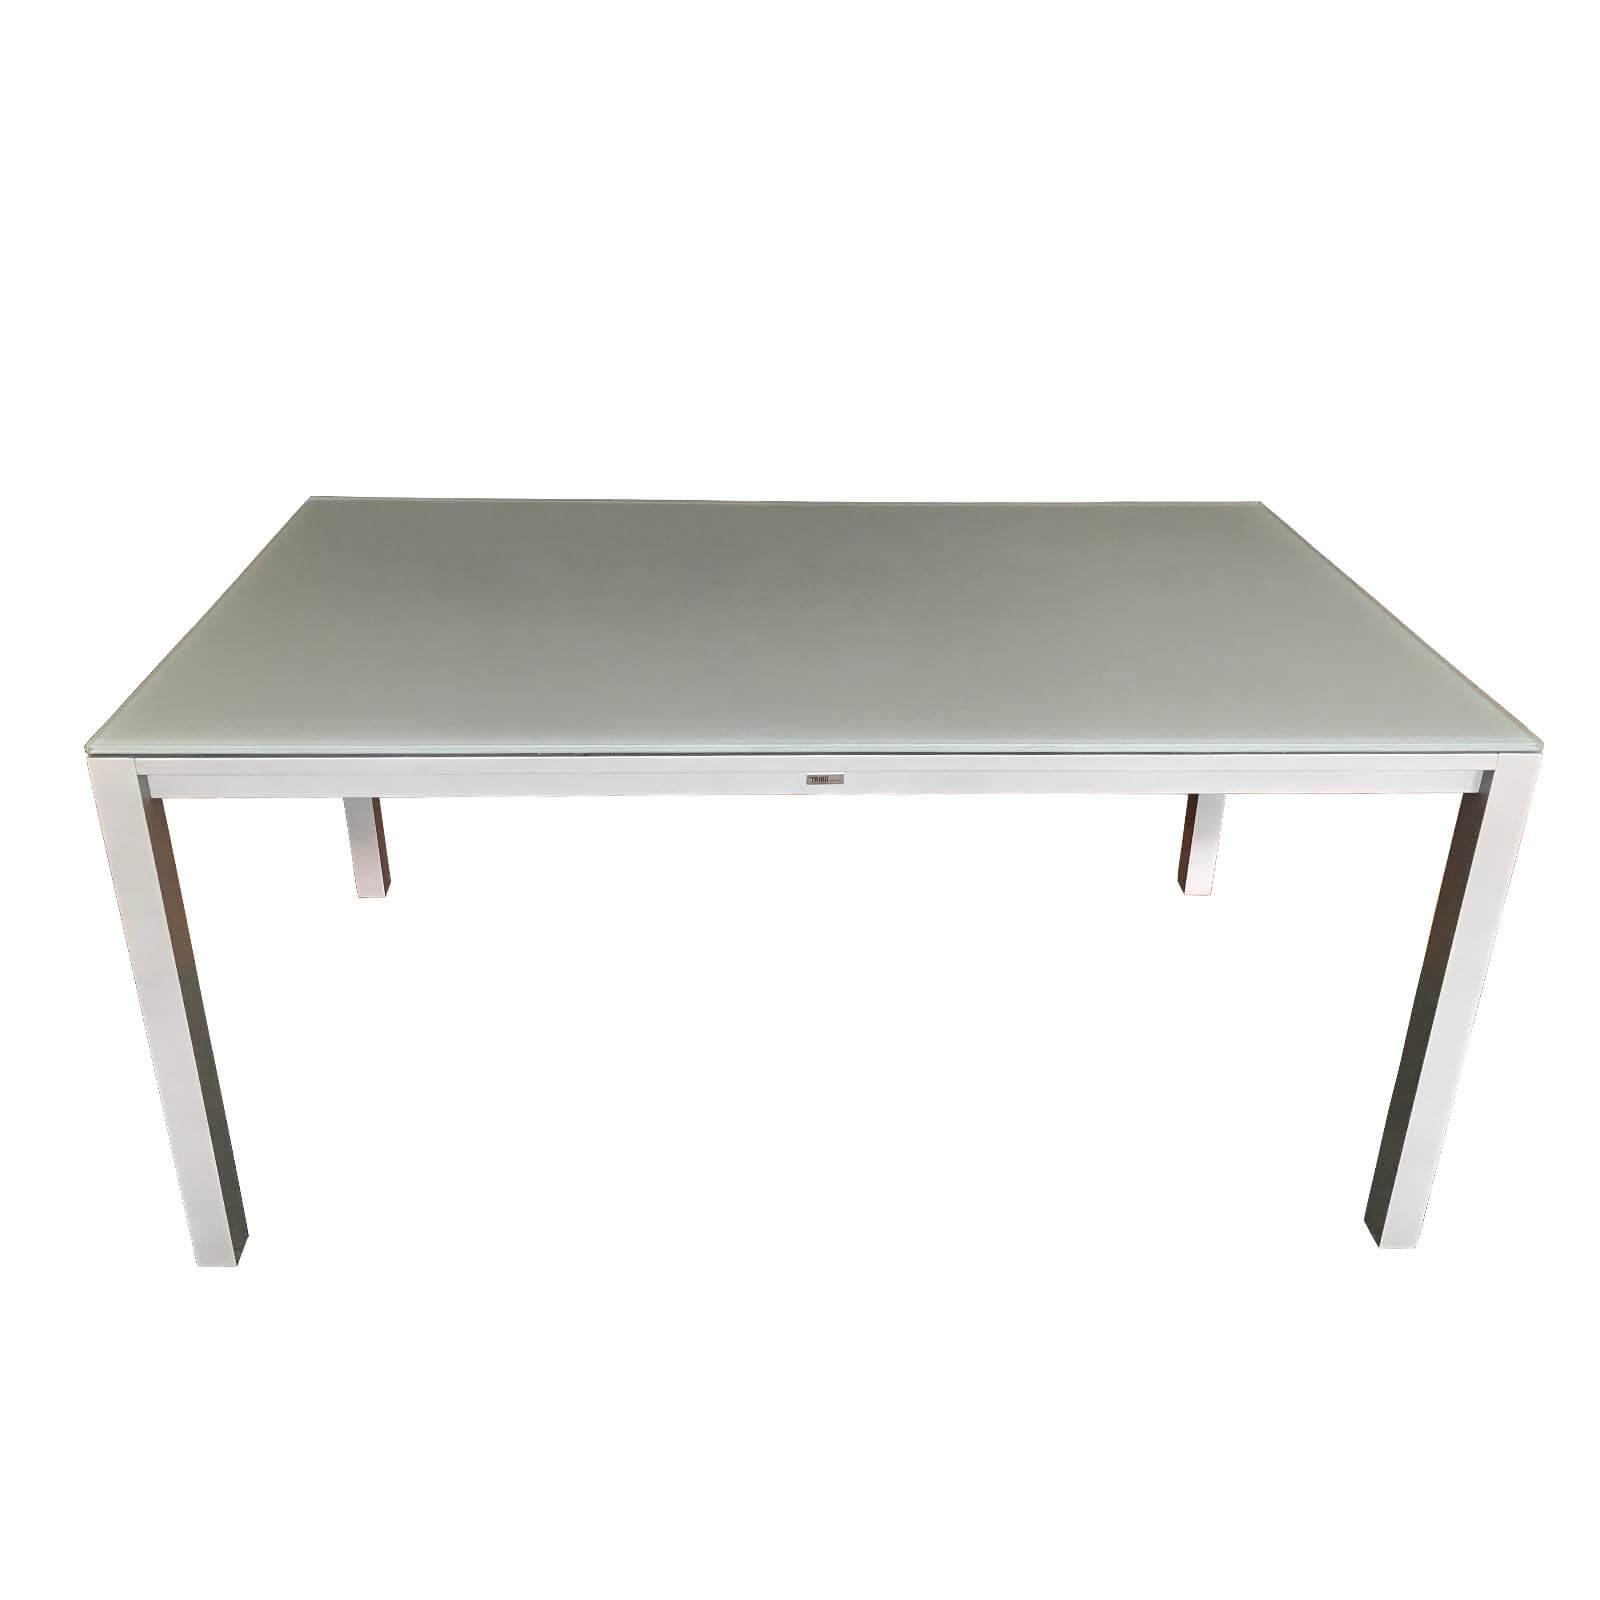 Two Design Lovers Tribu Versus Outdoor table